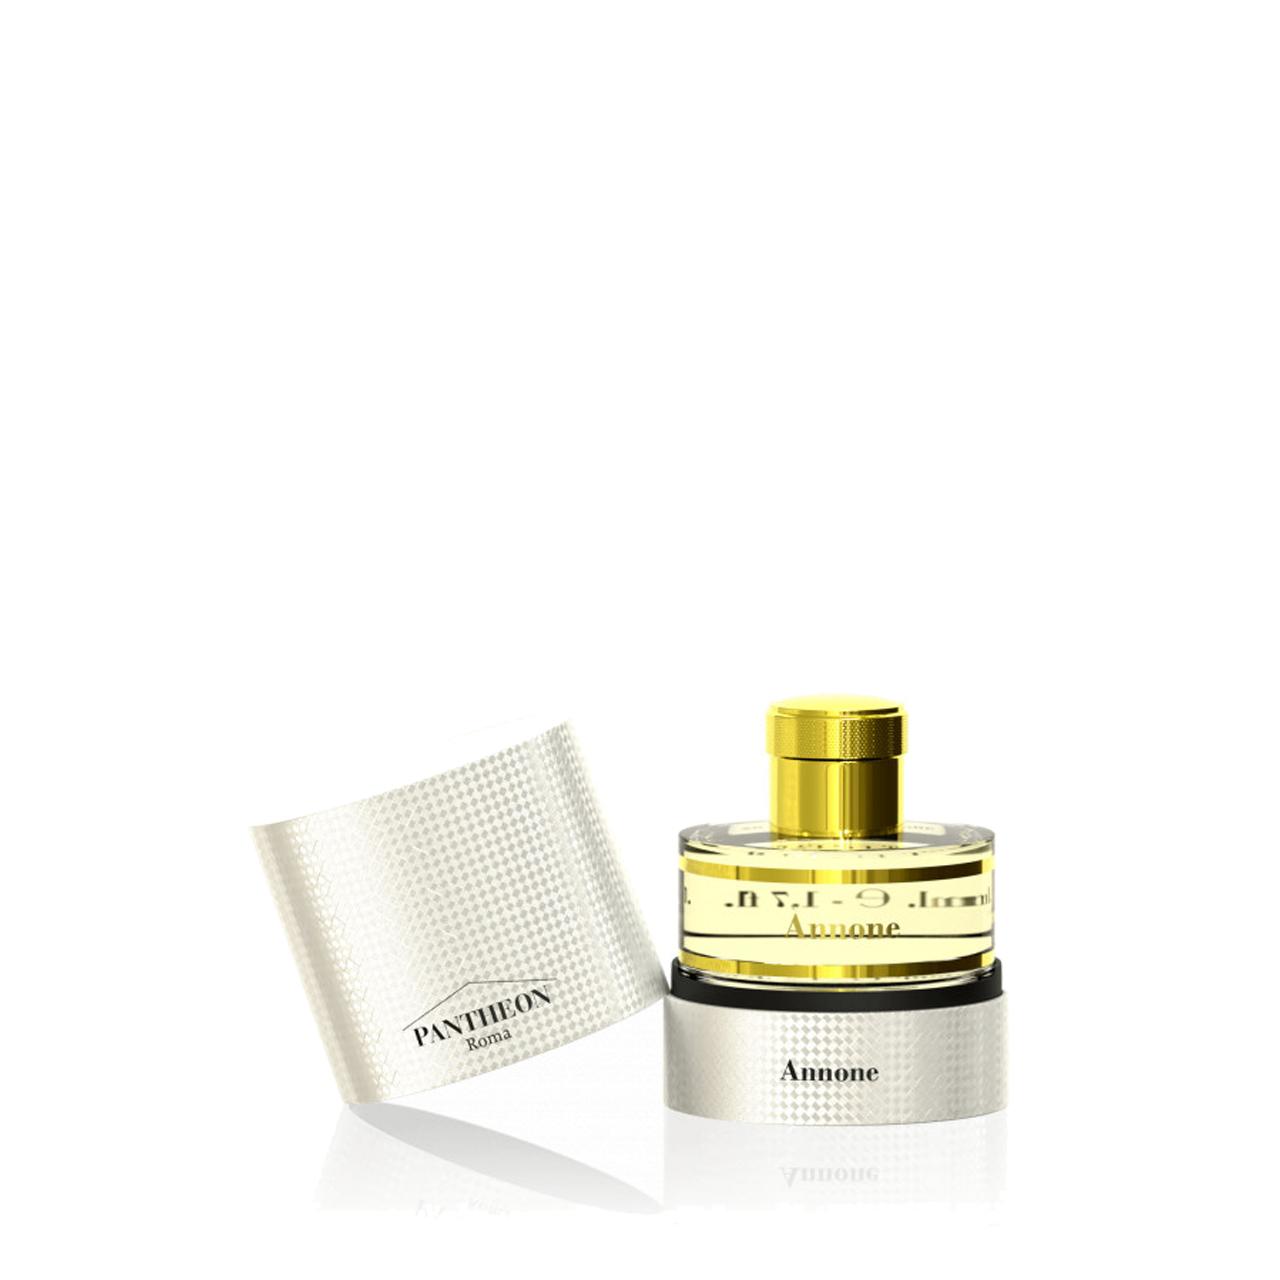 Annone - Extrait de Parfum